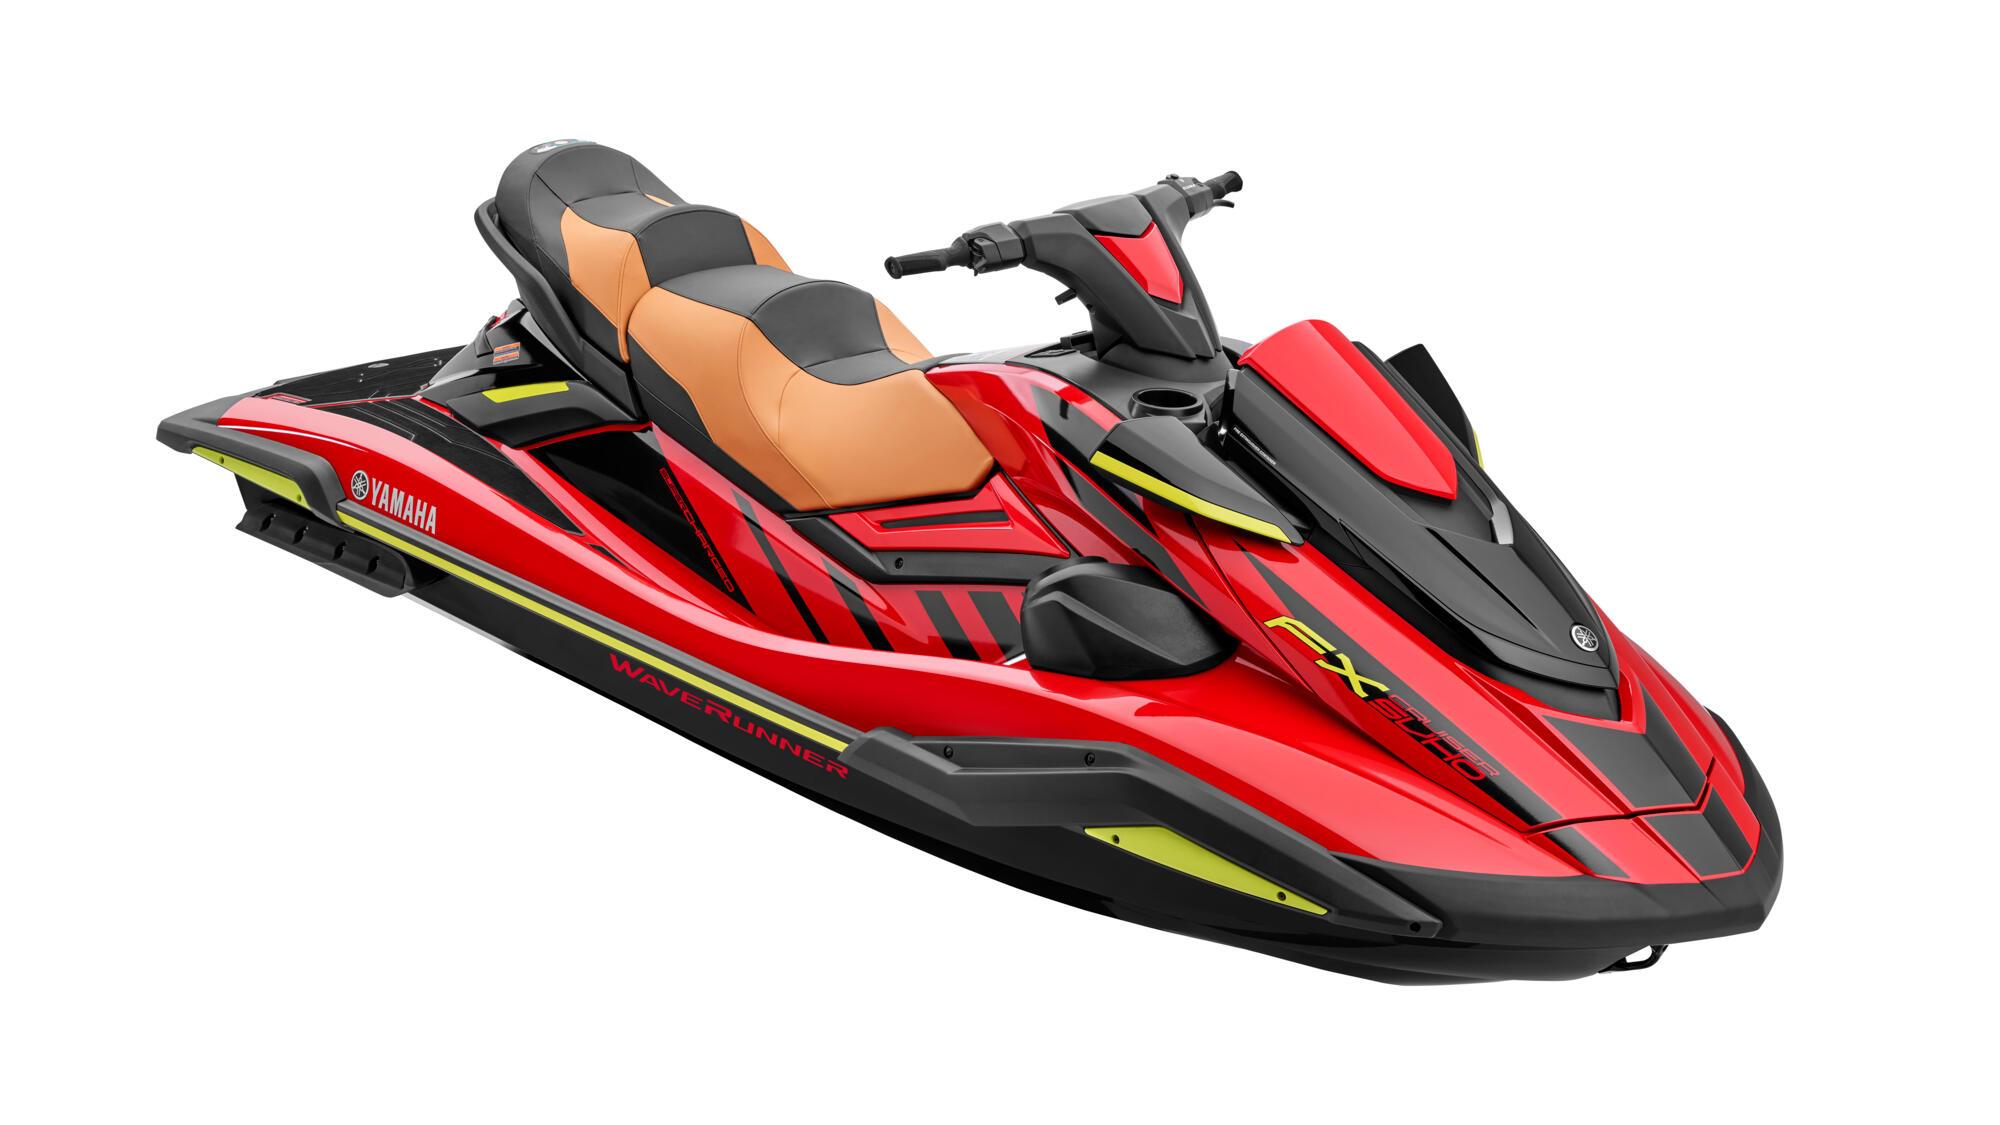 Yamaha FX Cruiser SVHO 2022 Image